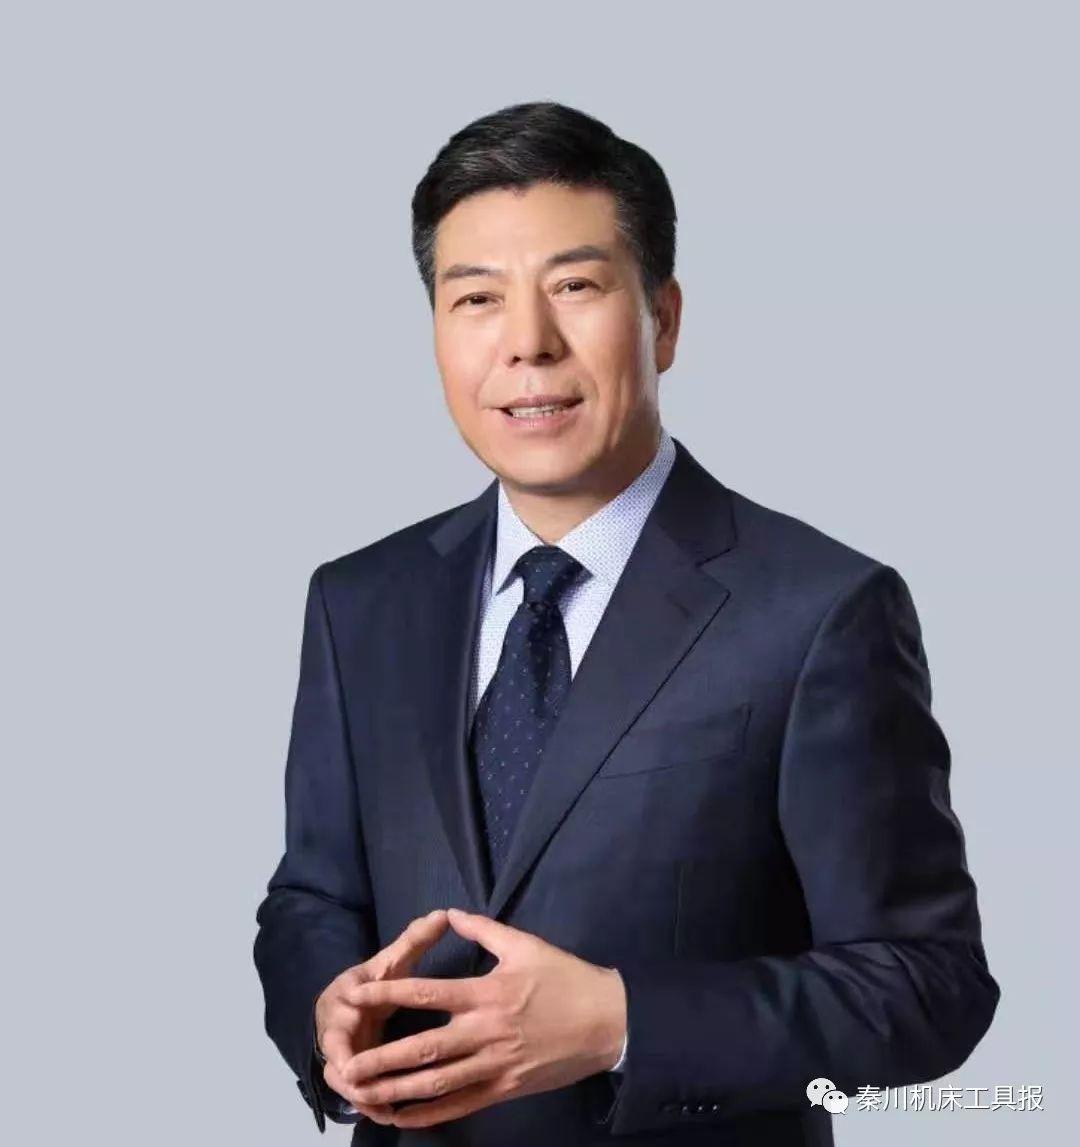 秦川机床工具集团党委书记、董事长严鉴铂